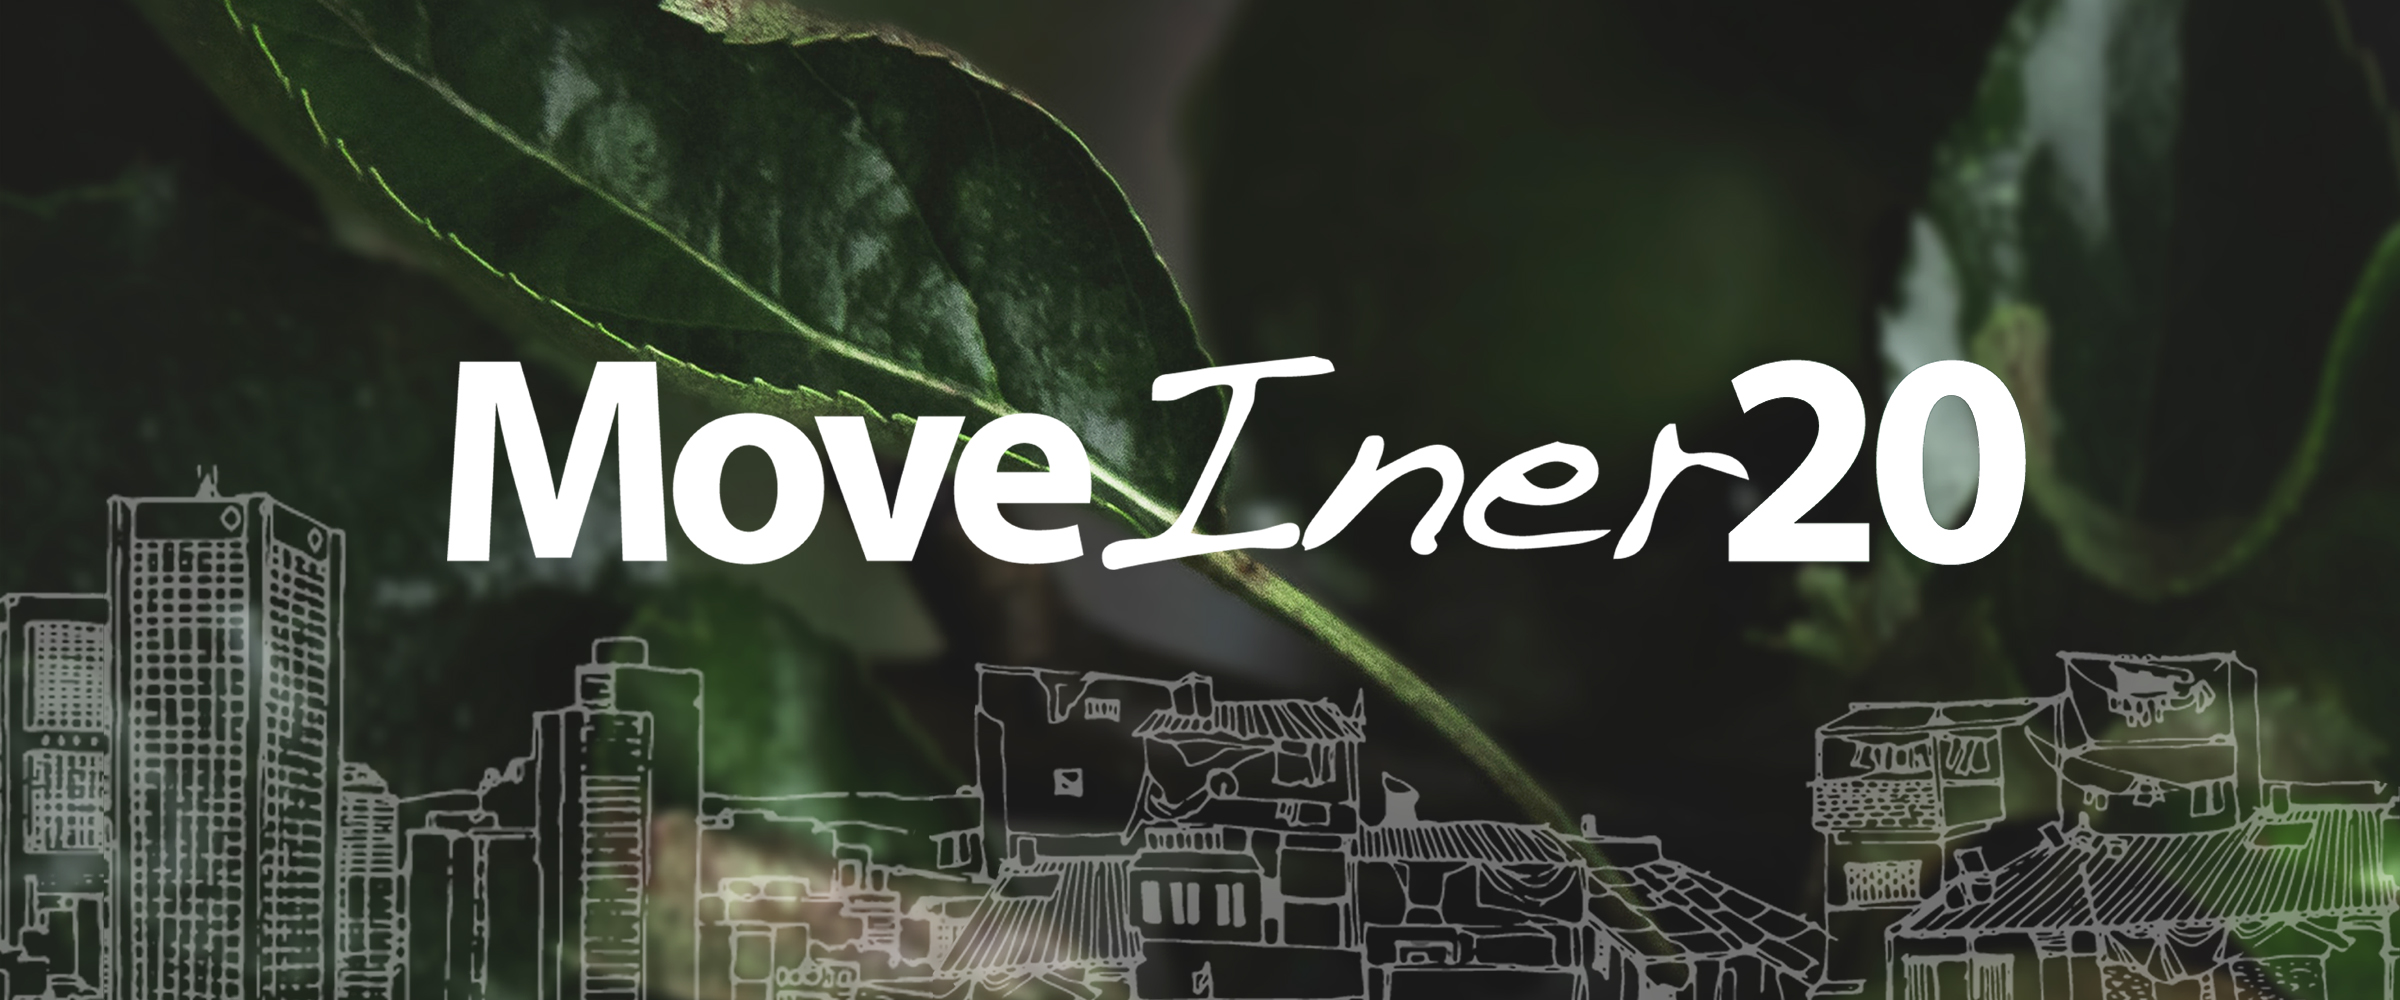 MoveIner20widebannerdates.jpg